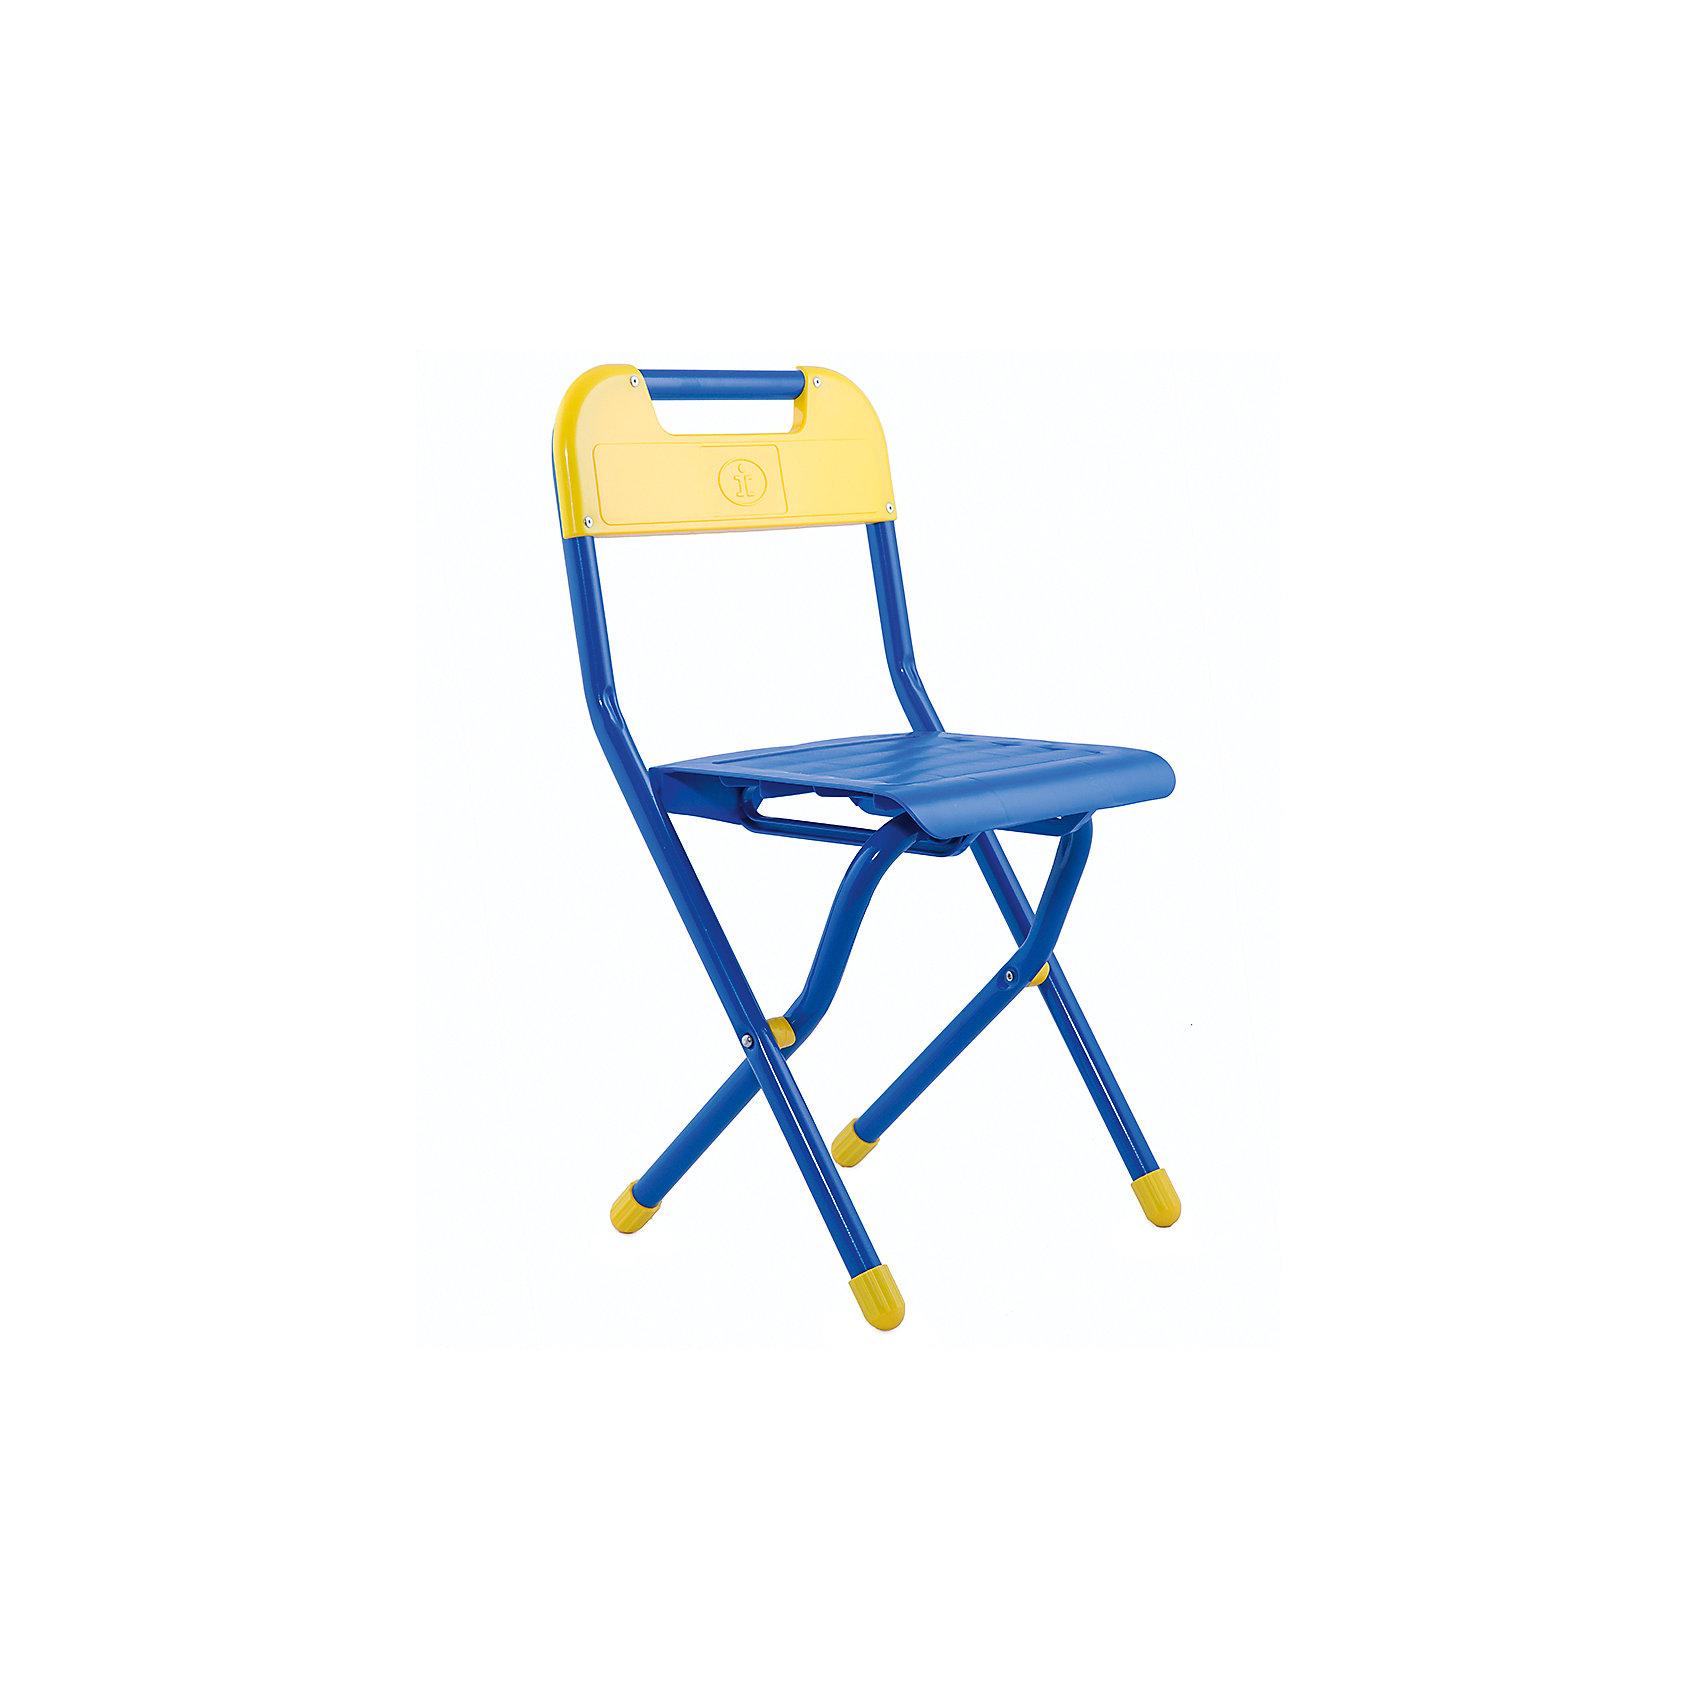 Стул (3-7 лет), Дэми, синийМебель<br>Складной стул - незаменимый атрибут любой детской комнаты. Стул очень удобный и прочный, яркая расцветка обязательно понравится детям и отлично впишется в интерьер. Стул быстро раскладывается и складывается, в сложенном виде занимает мало места. Прочное алюминиевое основание и пластиковое сиденье и спинку удобно мыть. Прекрасно подходит для организации детских игр и отдыха. <br><br>Дополнительная информация:<br><br>- Размер: 33х60х32 см.<br>- Высота от пола до сиденья: 34 см. <br>- Материал: пластик, алюминий. <br>- Цвет: синий.<br>- Складывается. <br>- Максимальный вес: 30 кг.<br><br>Синий стул (3-7 лет) можно купить в нашем магазине.<br><br>Ширина мм: 730<br>Глубина мм: 340<br>Высота мм: 110<br>Вес г: 1500<br>Возраст от месяцев: 36<br>Возраст до месяцев: 84<br>Пол: Мужской<br>Возраст: Детский<br>SKU: 4306479